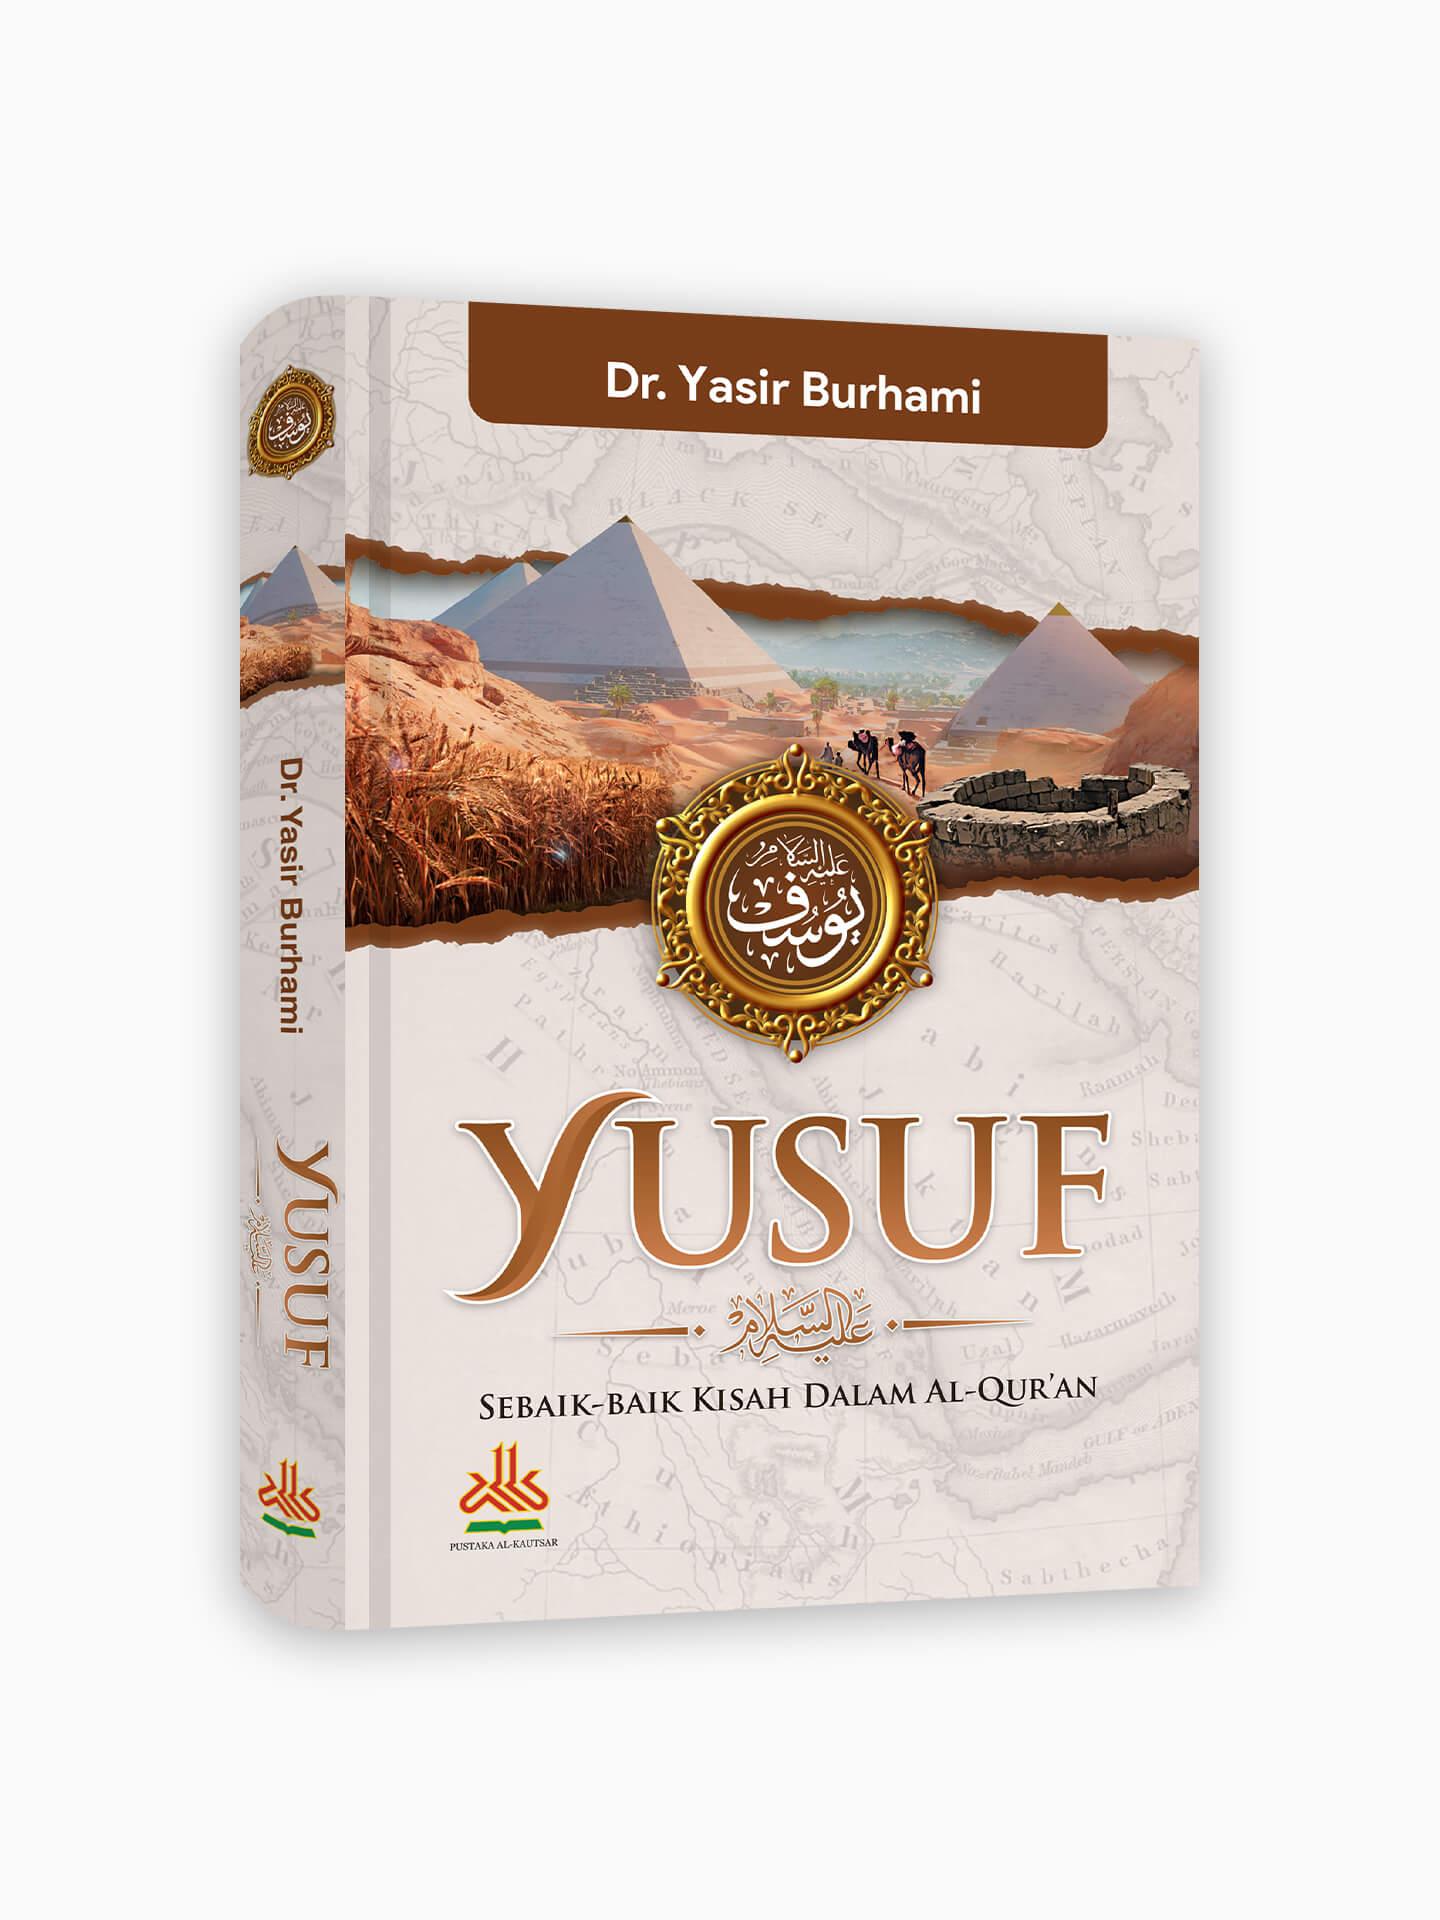 Yusuf : Sebaik-baik Kisah dalam Al-Qur'an